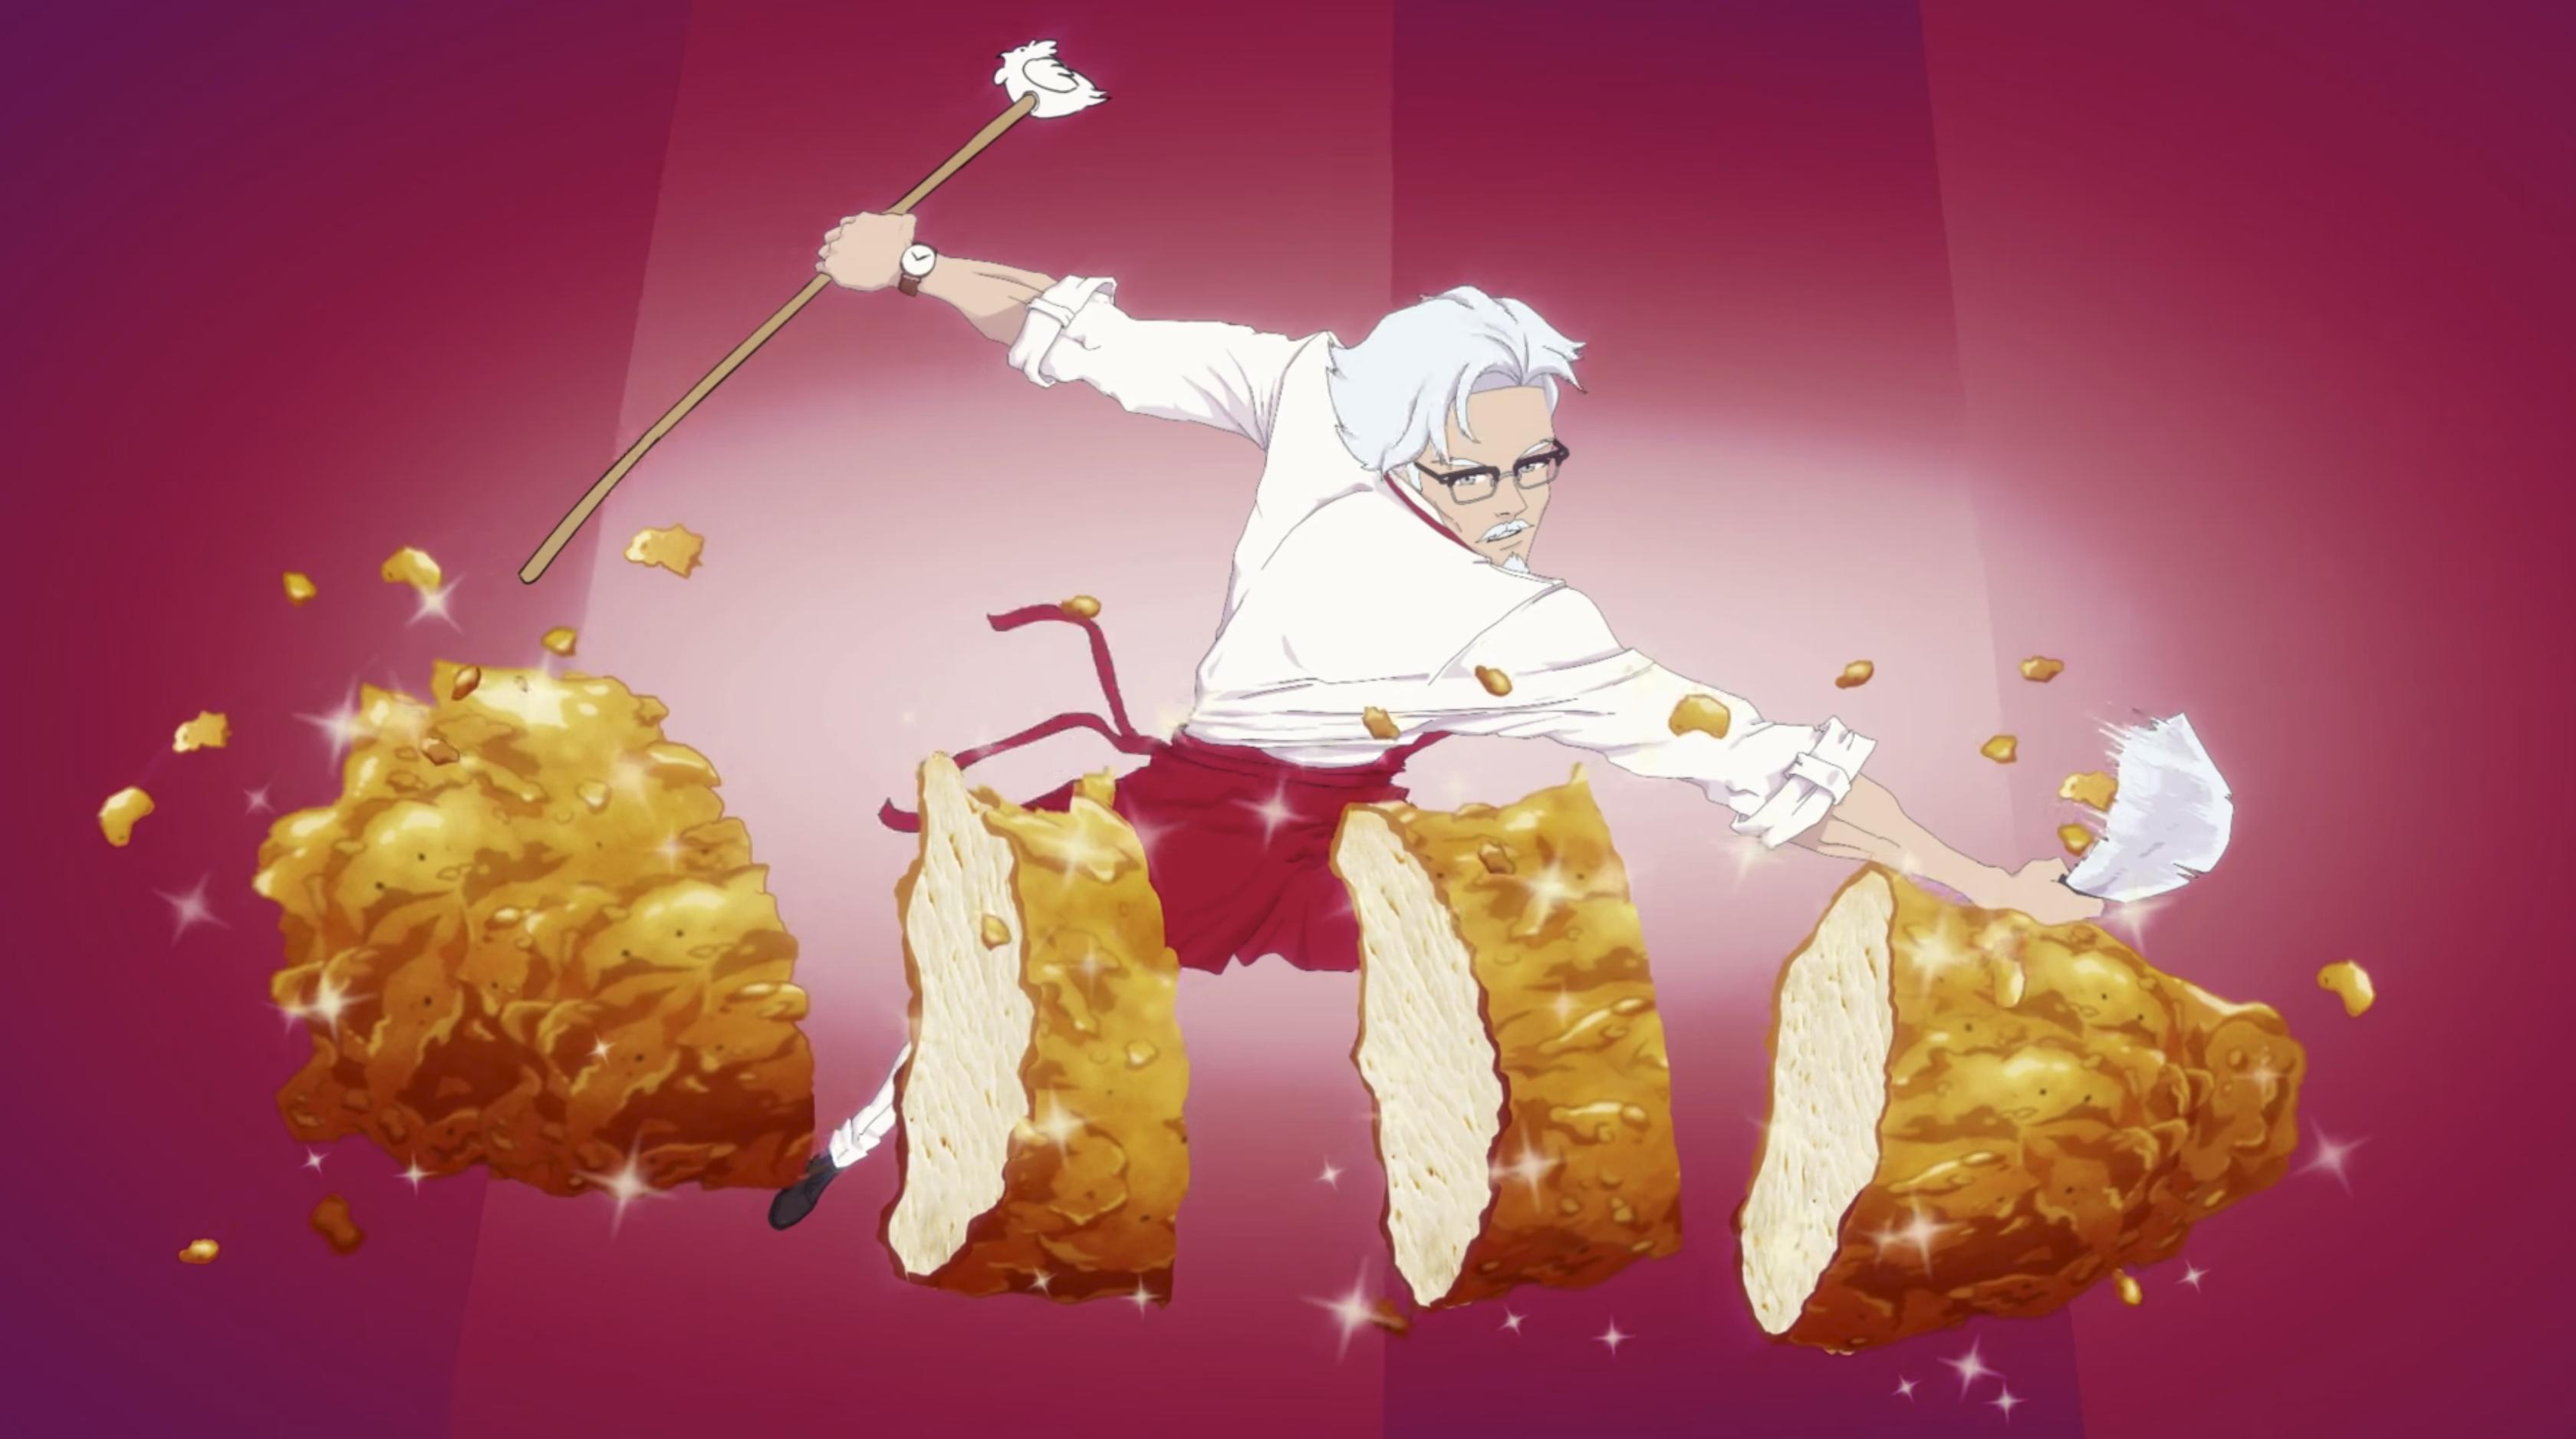 gry randkowe anime dla facetów datowanie zawału mięśnia sercowego histologicznie